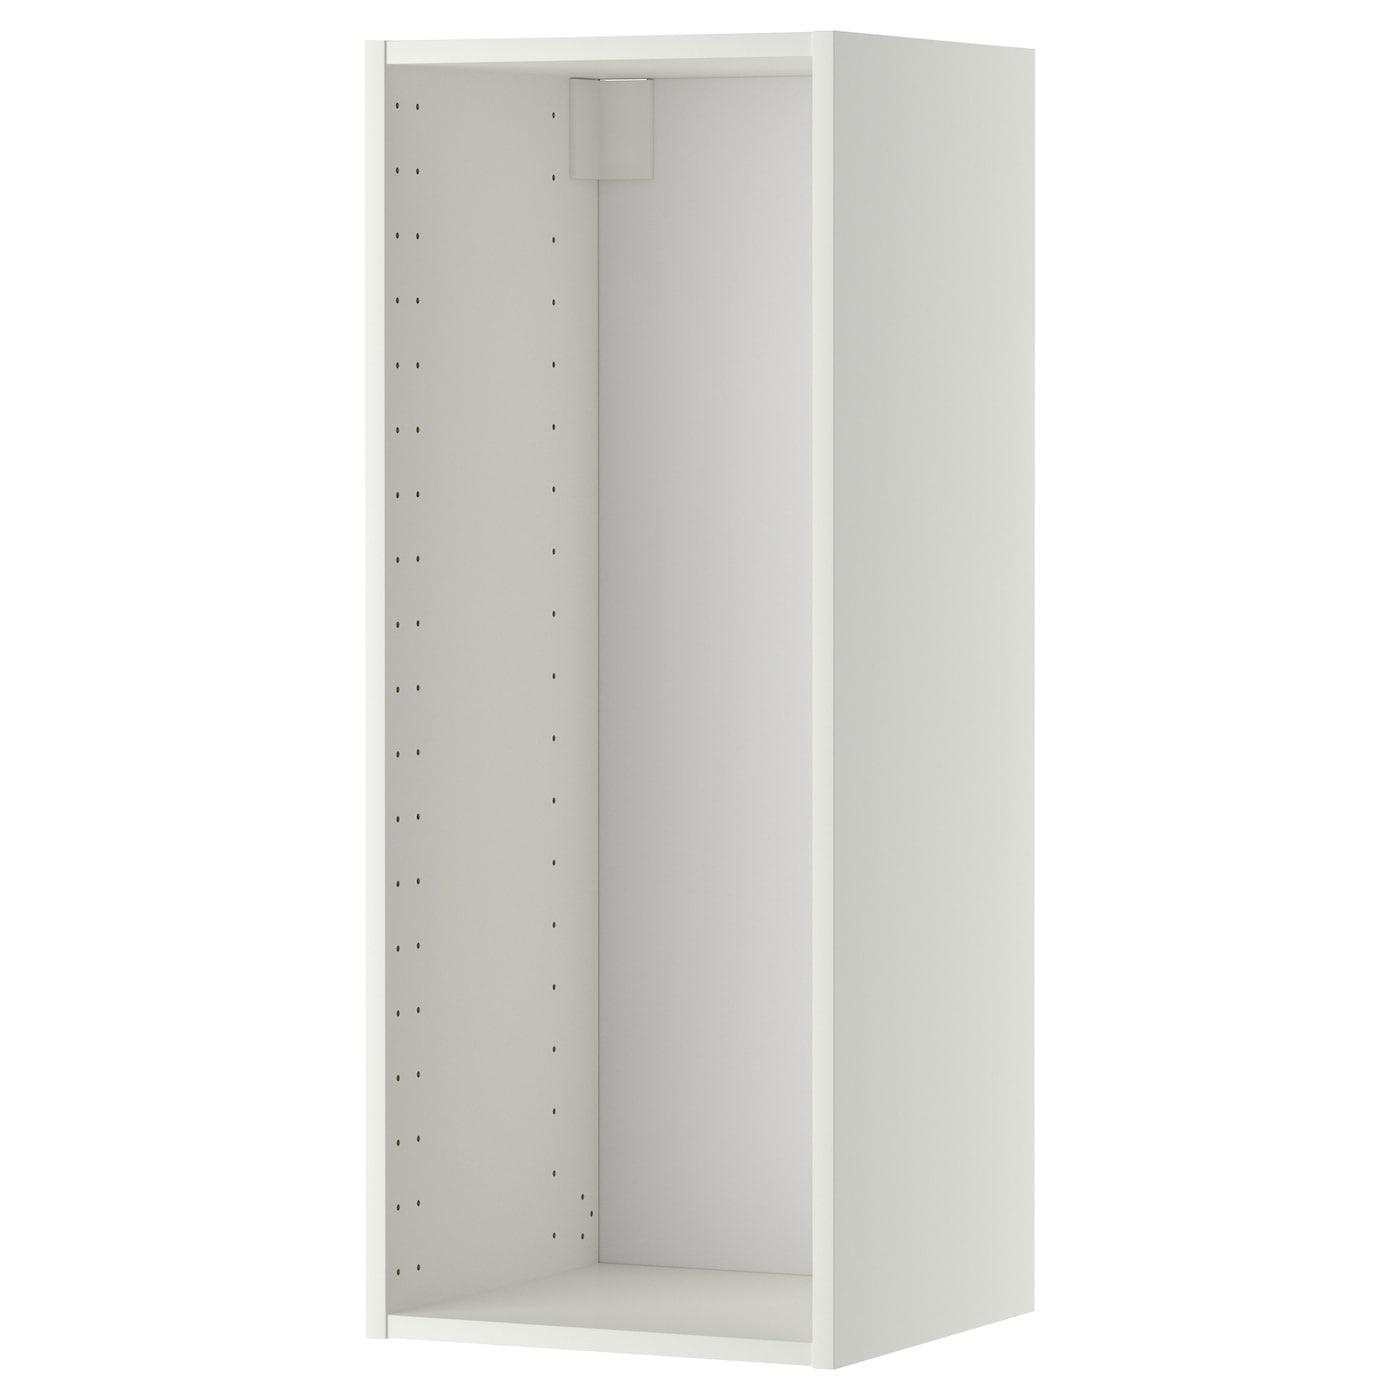 METOD Structure élément mural - blanc 14x14x14 cm